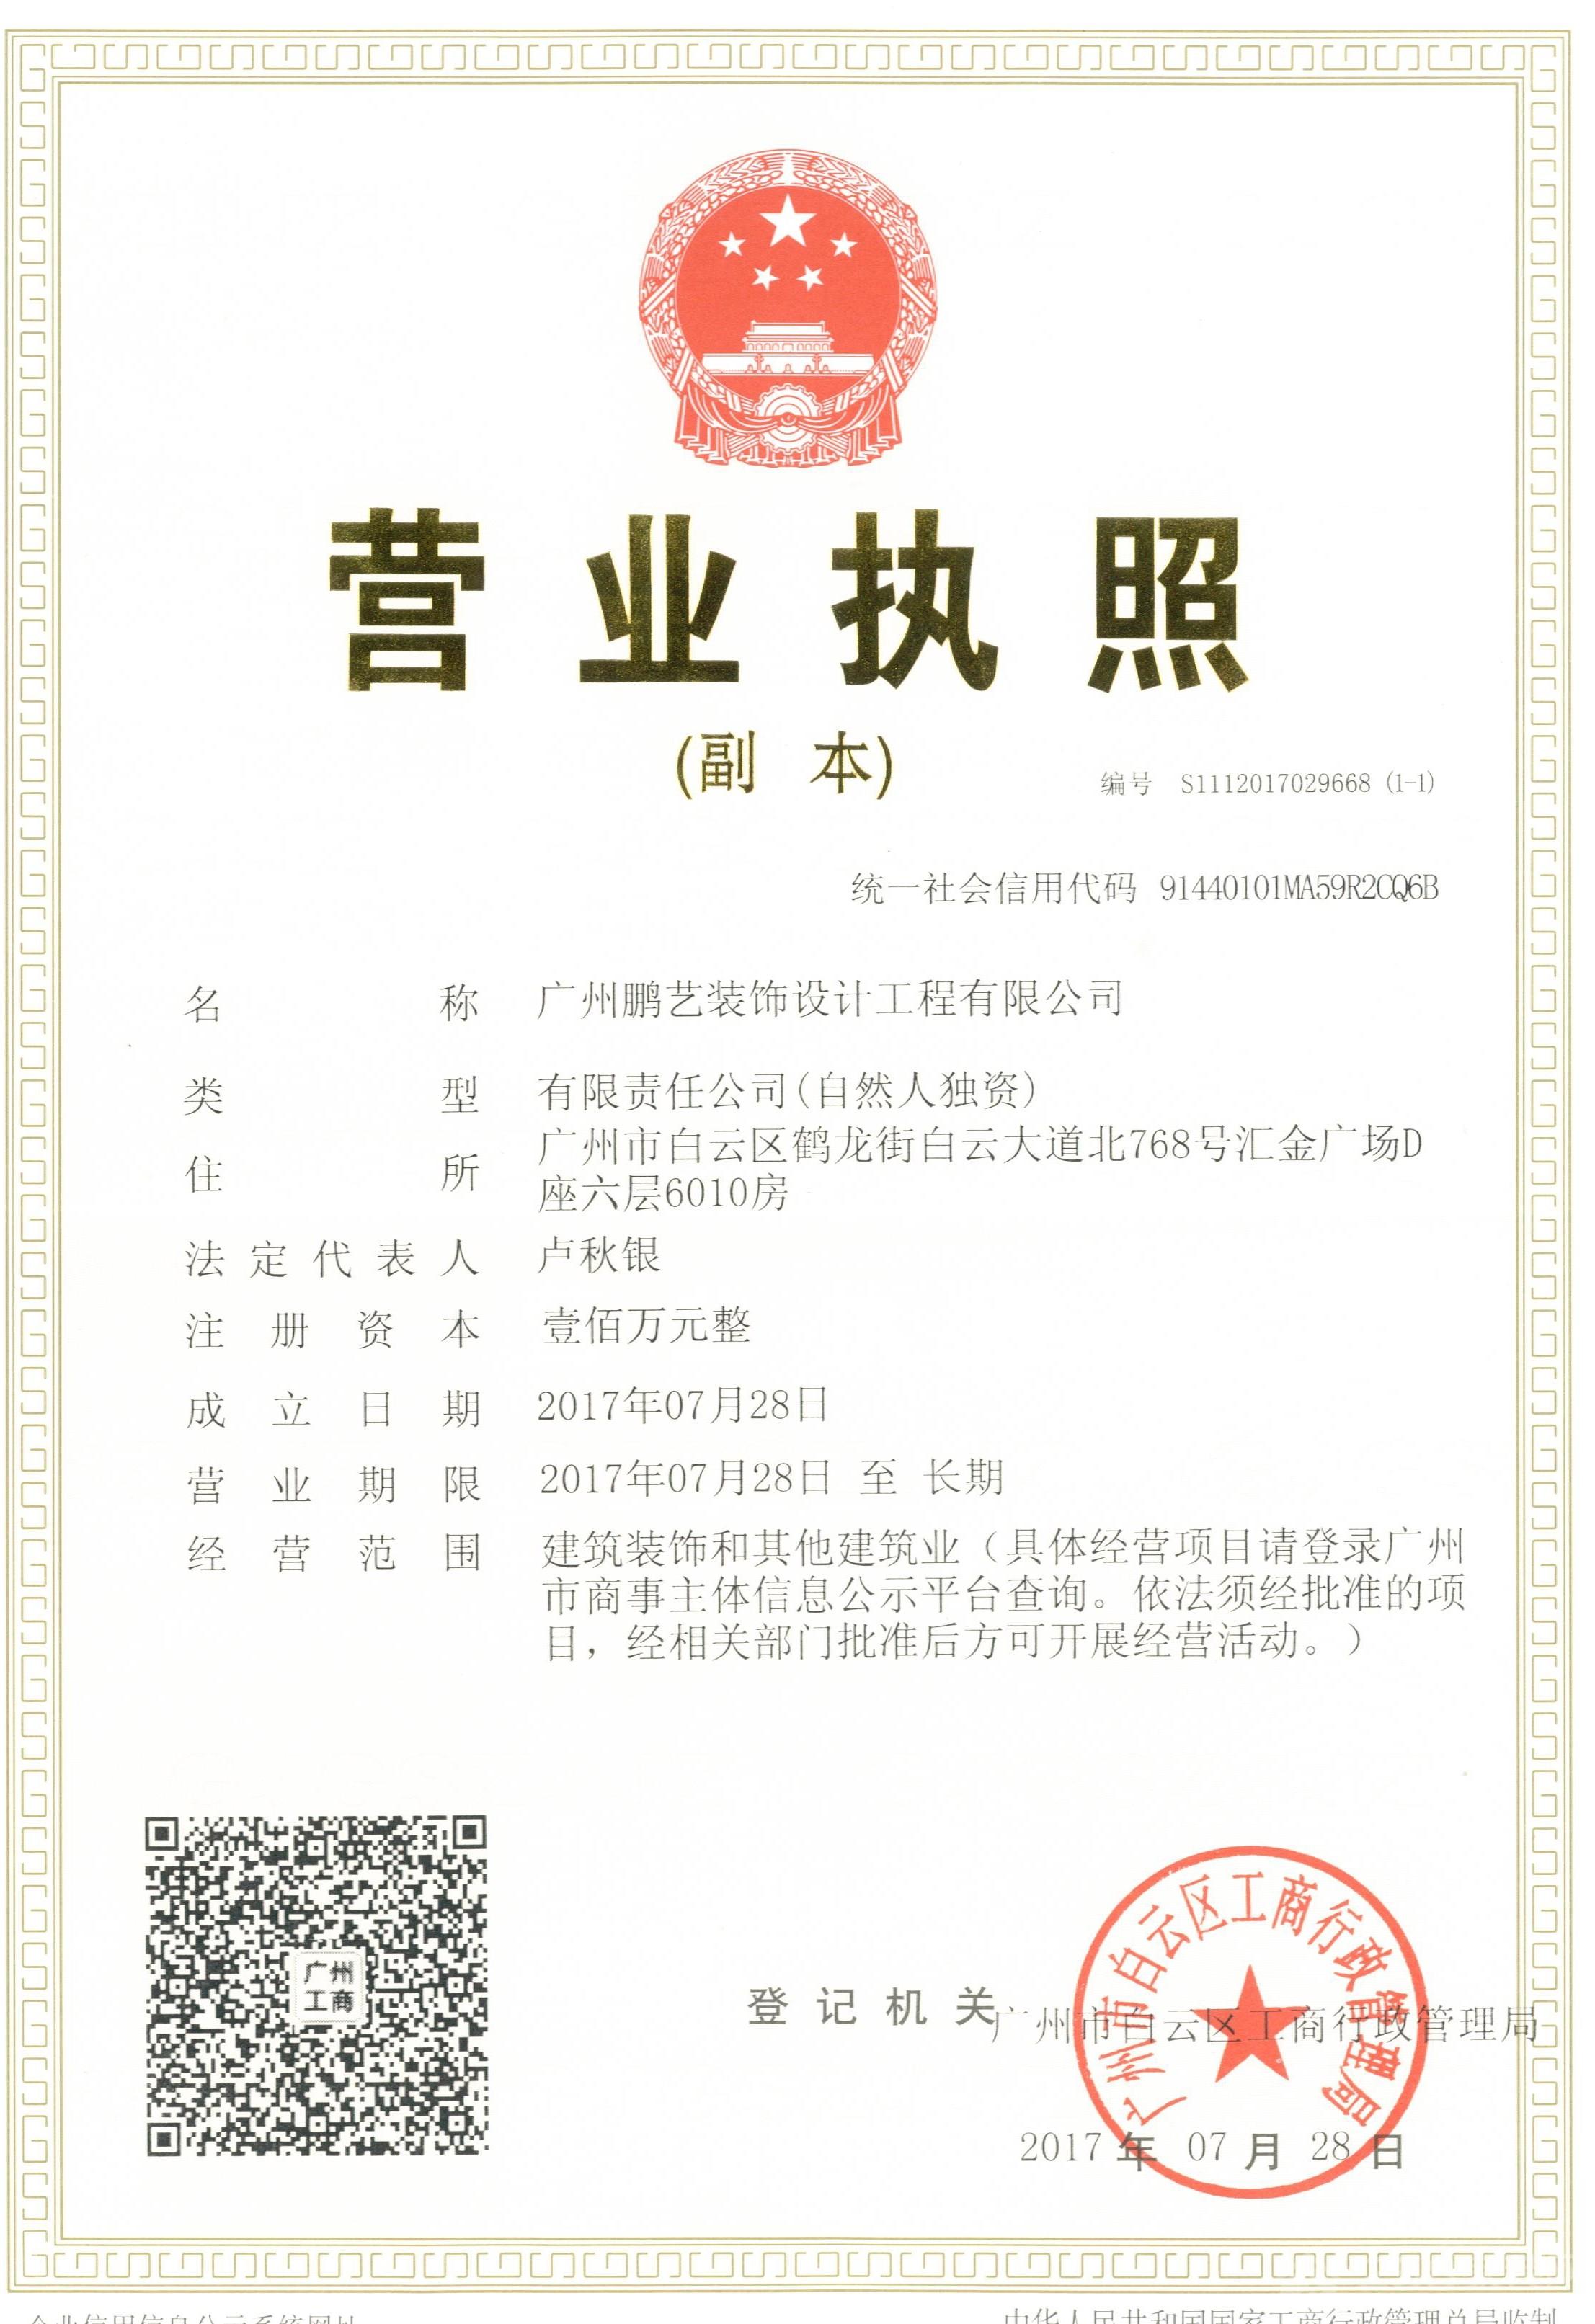 广州鹏艺装饰设计工程有限公司